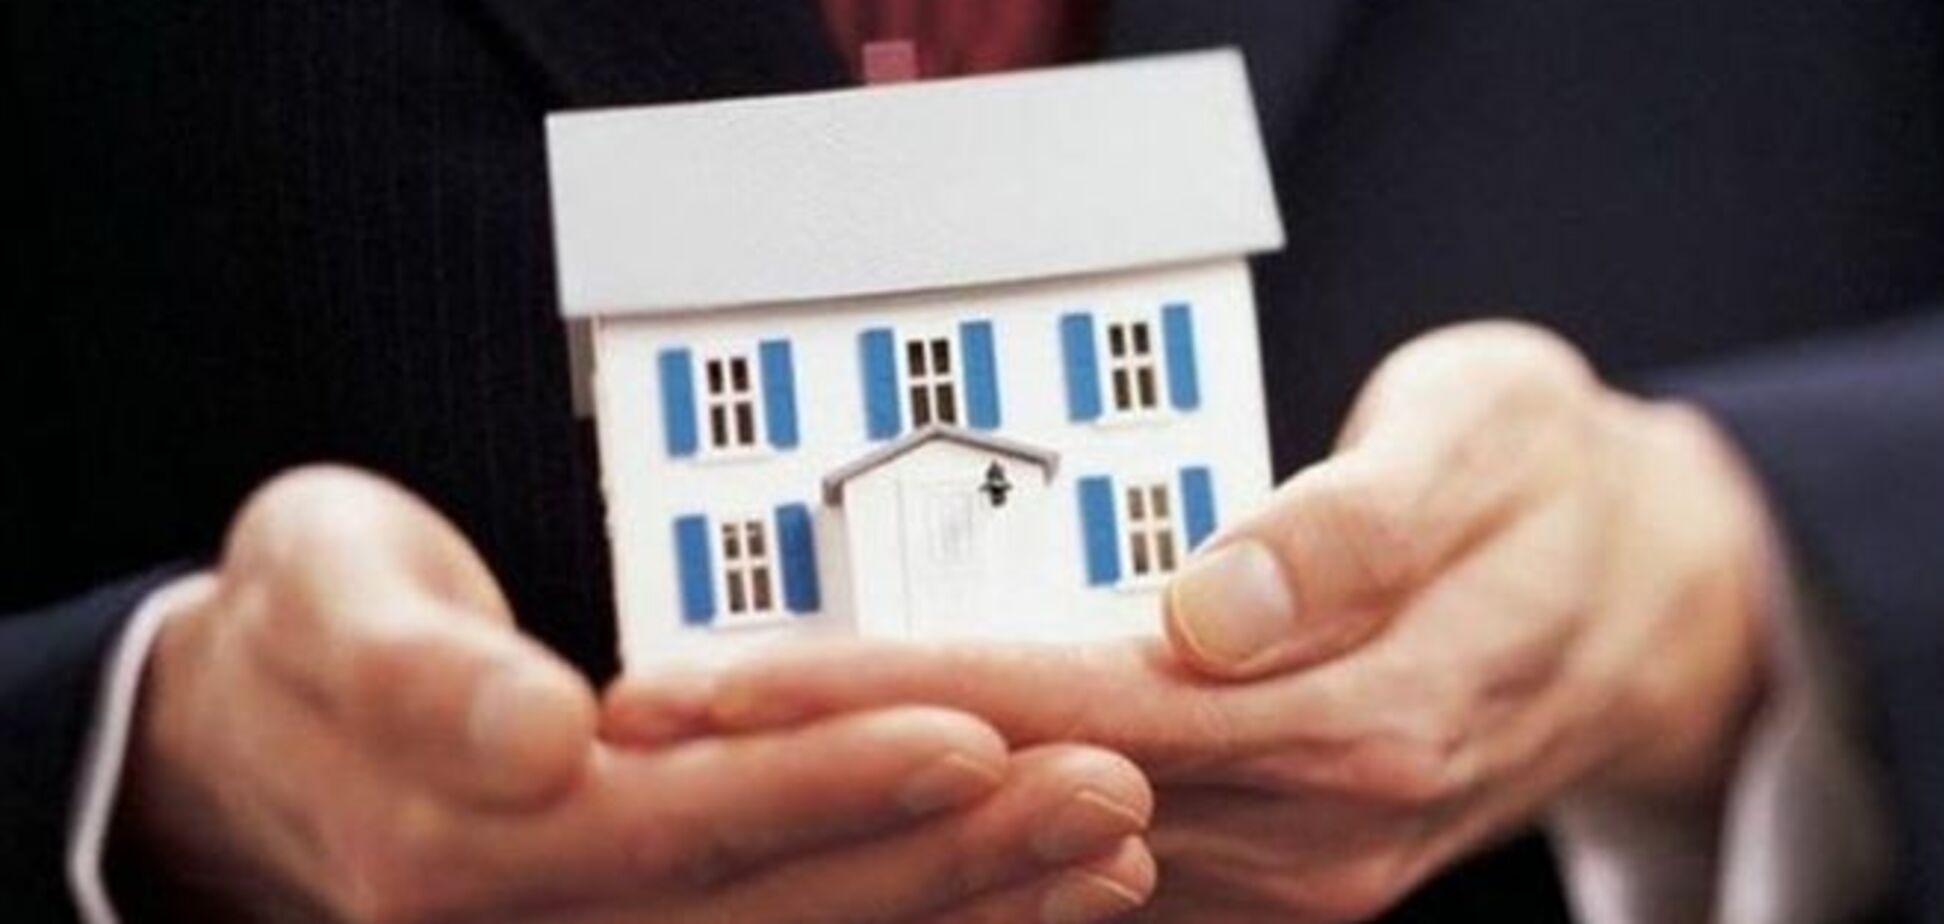 Зарегистрировать недвижимость можно будет через Укрпочту